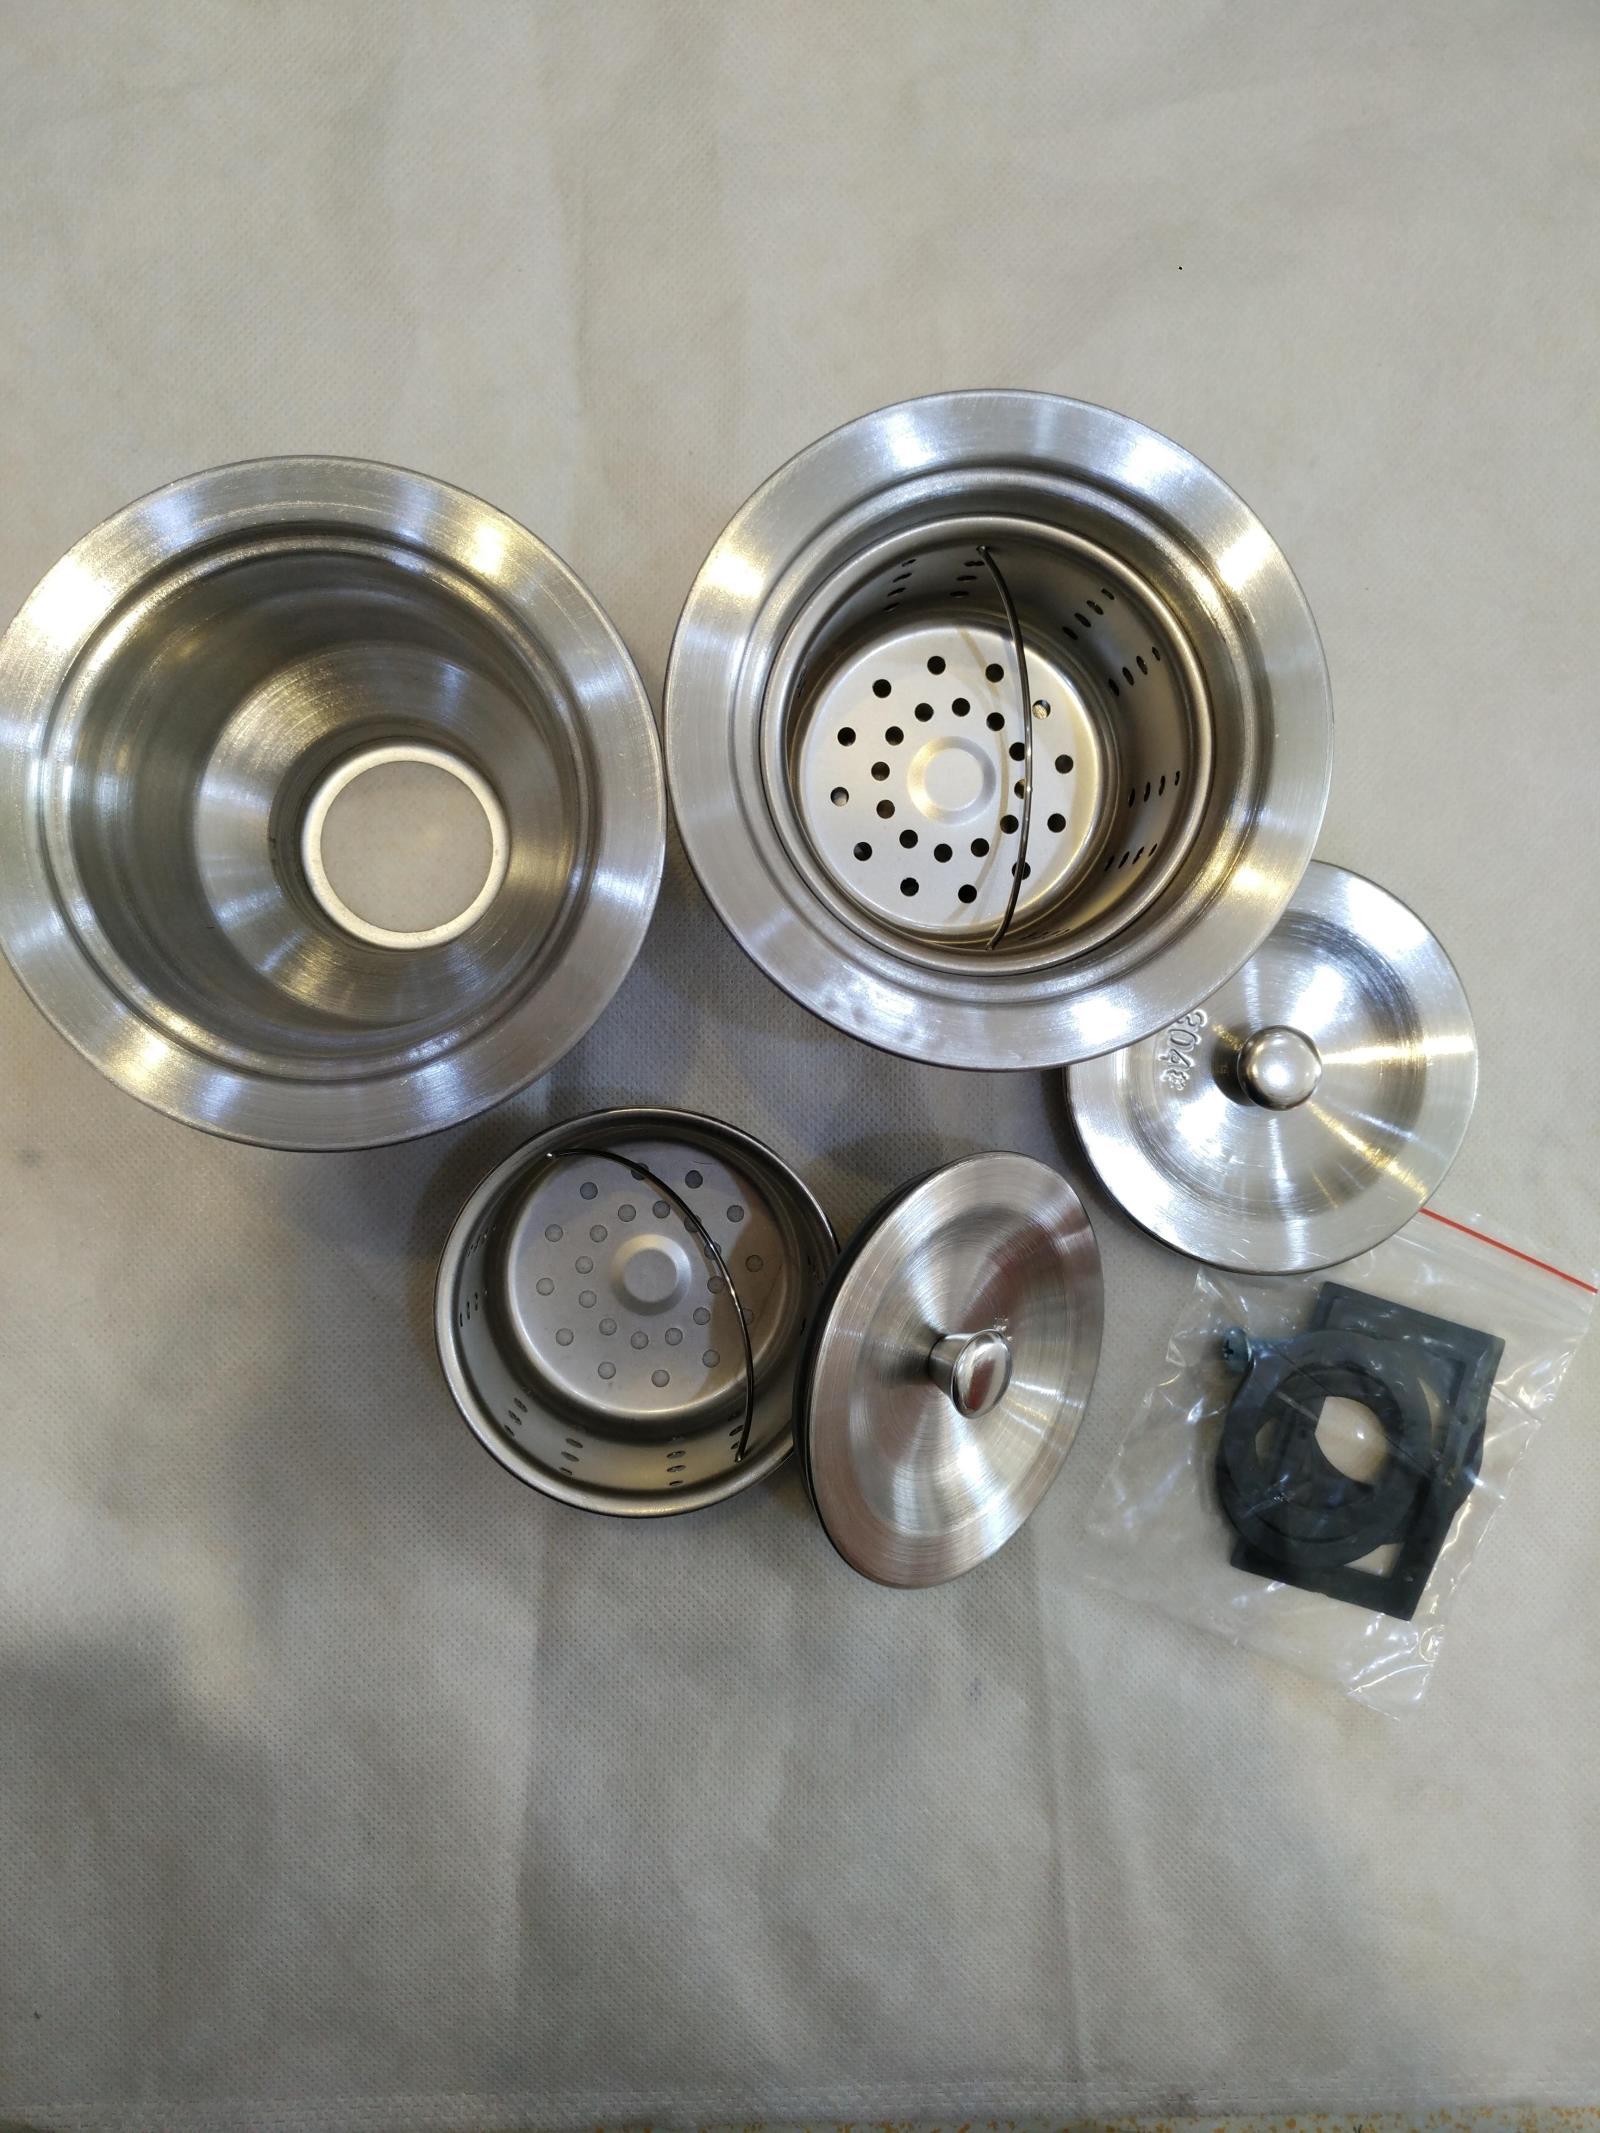 La fuga de agua de fregadero de acero inoxidable de curva en s tubo de desodorantes en el fregadero de la cocina una sola Cuenca Cuenca de acero acero fuga de accesorios.